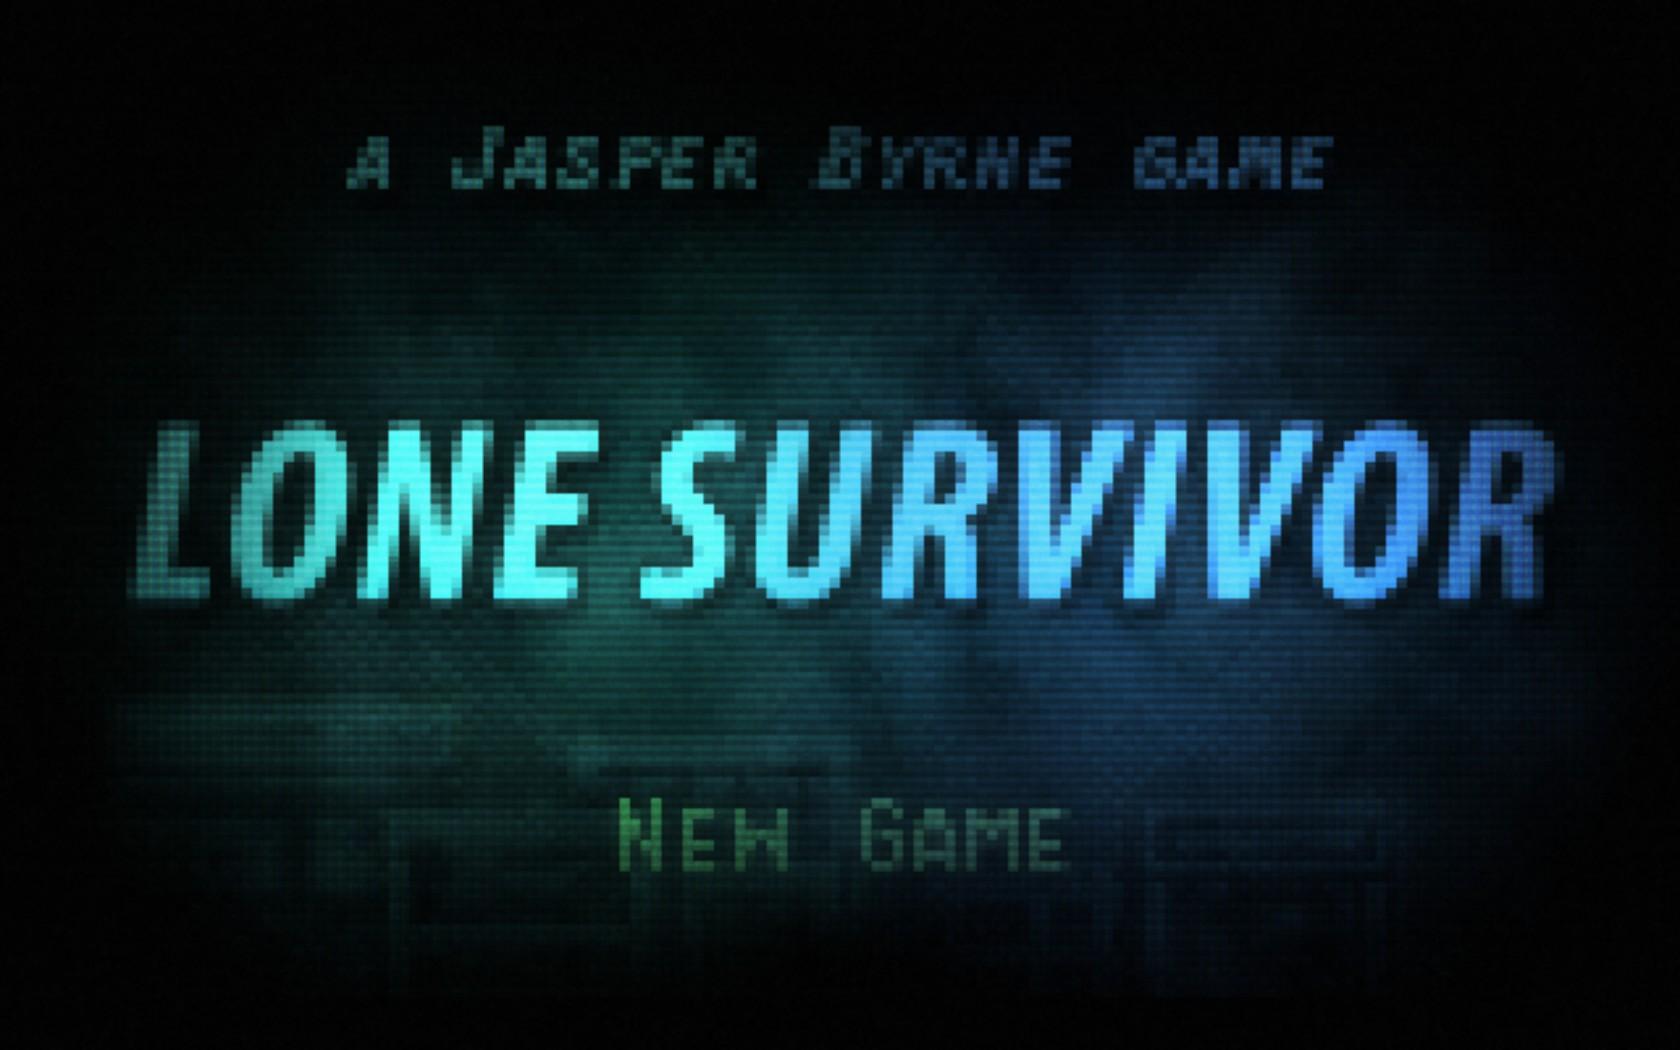 Lone-Survivor-Screenshot-Wallpaper-Title-Screen